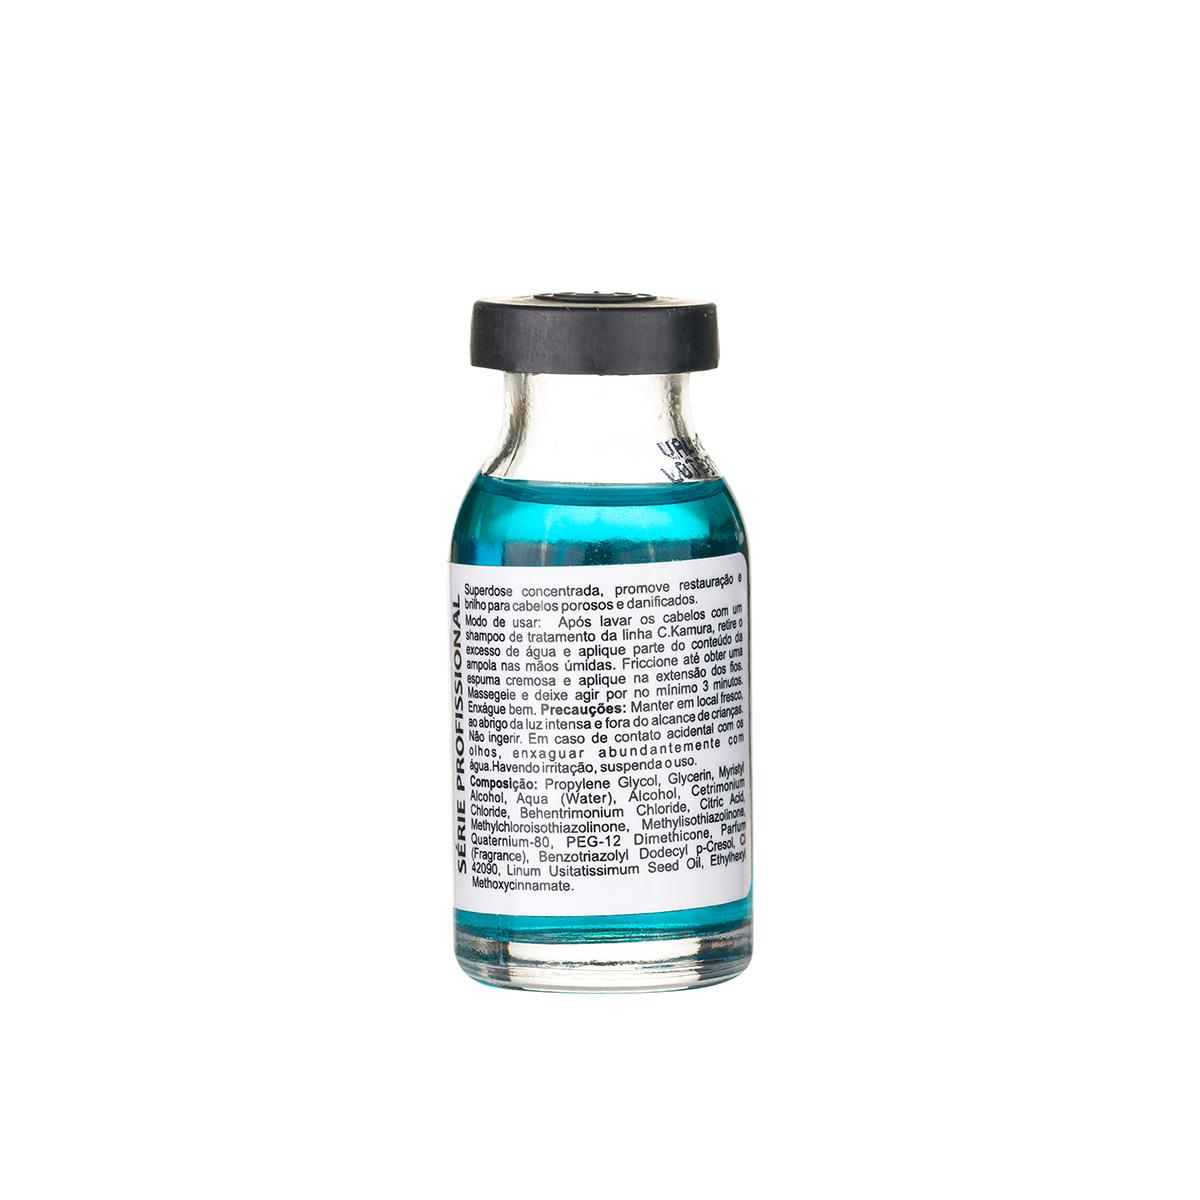 Superdose Autoaquecida Semi Di Lino CKamura Restauração Instântanea 15Ml